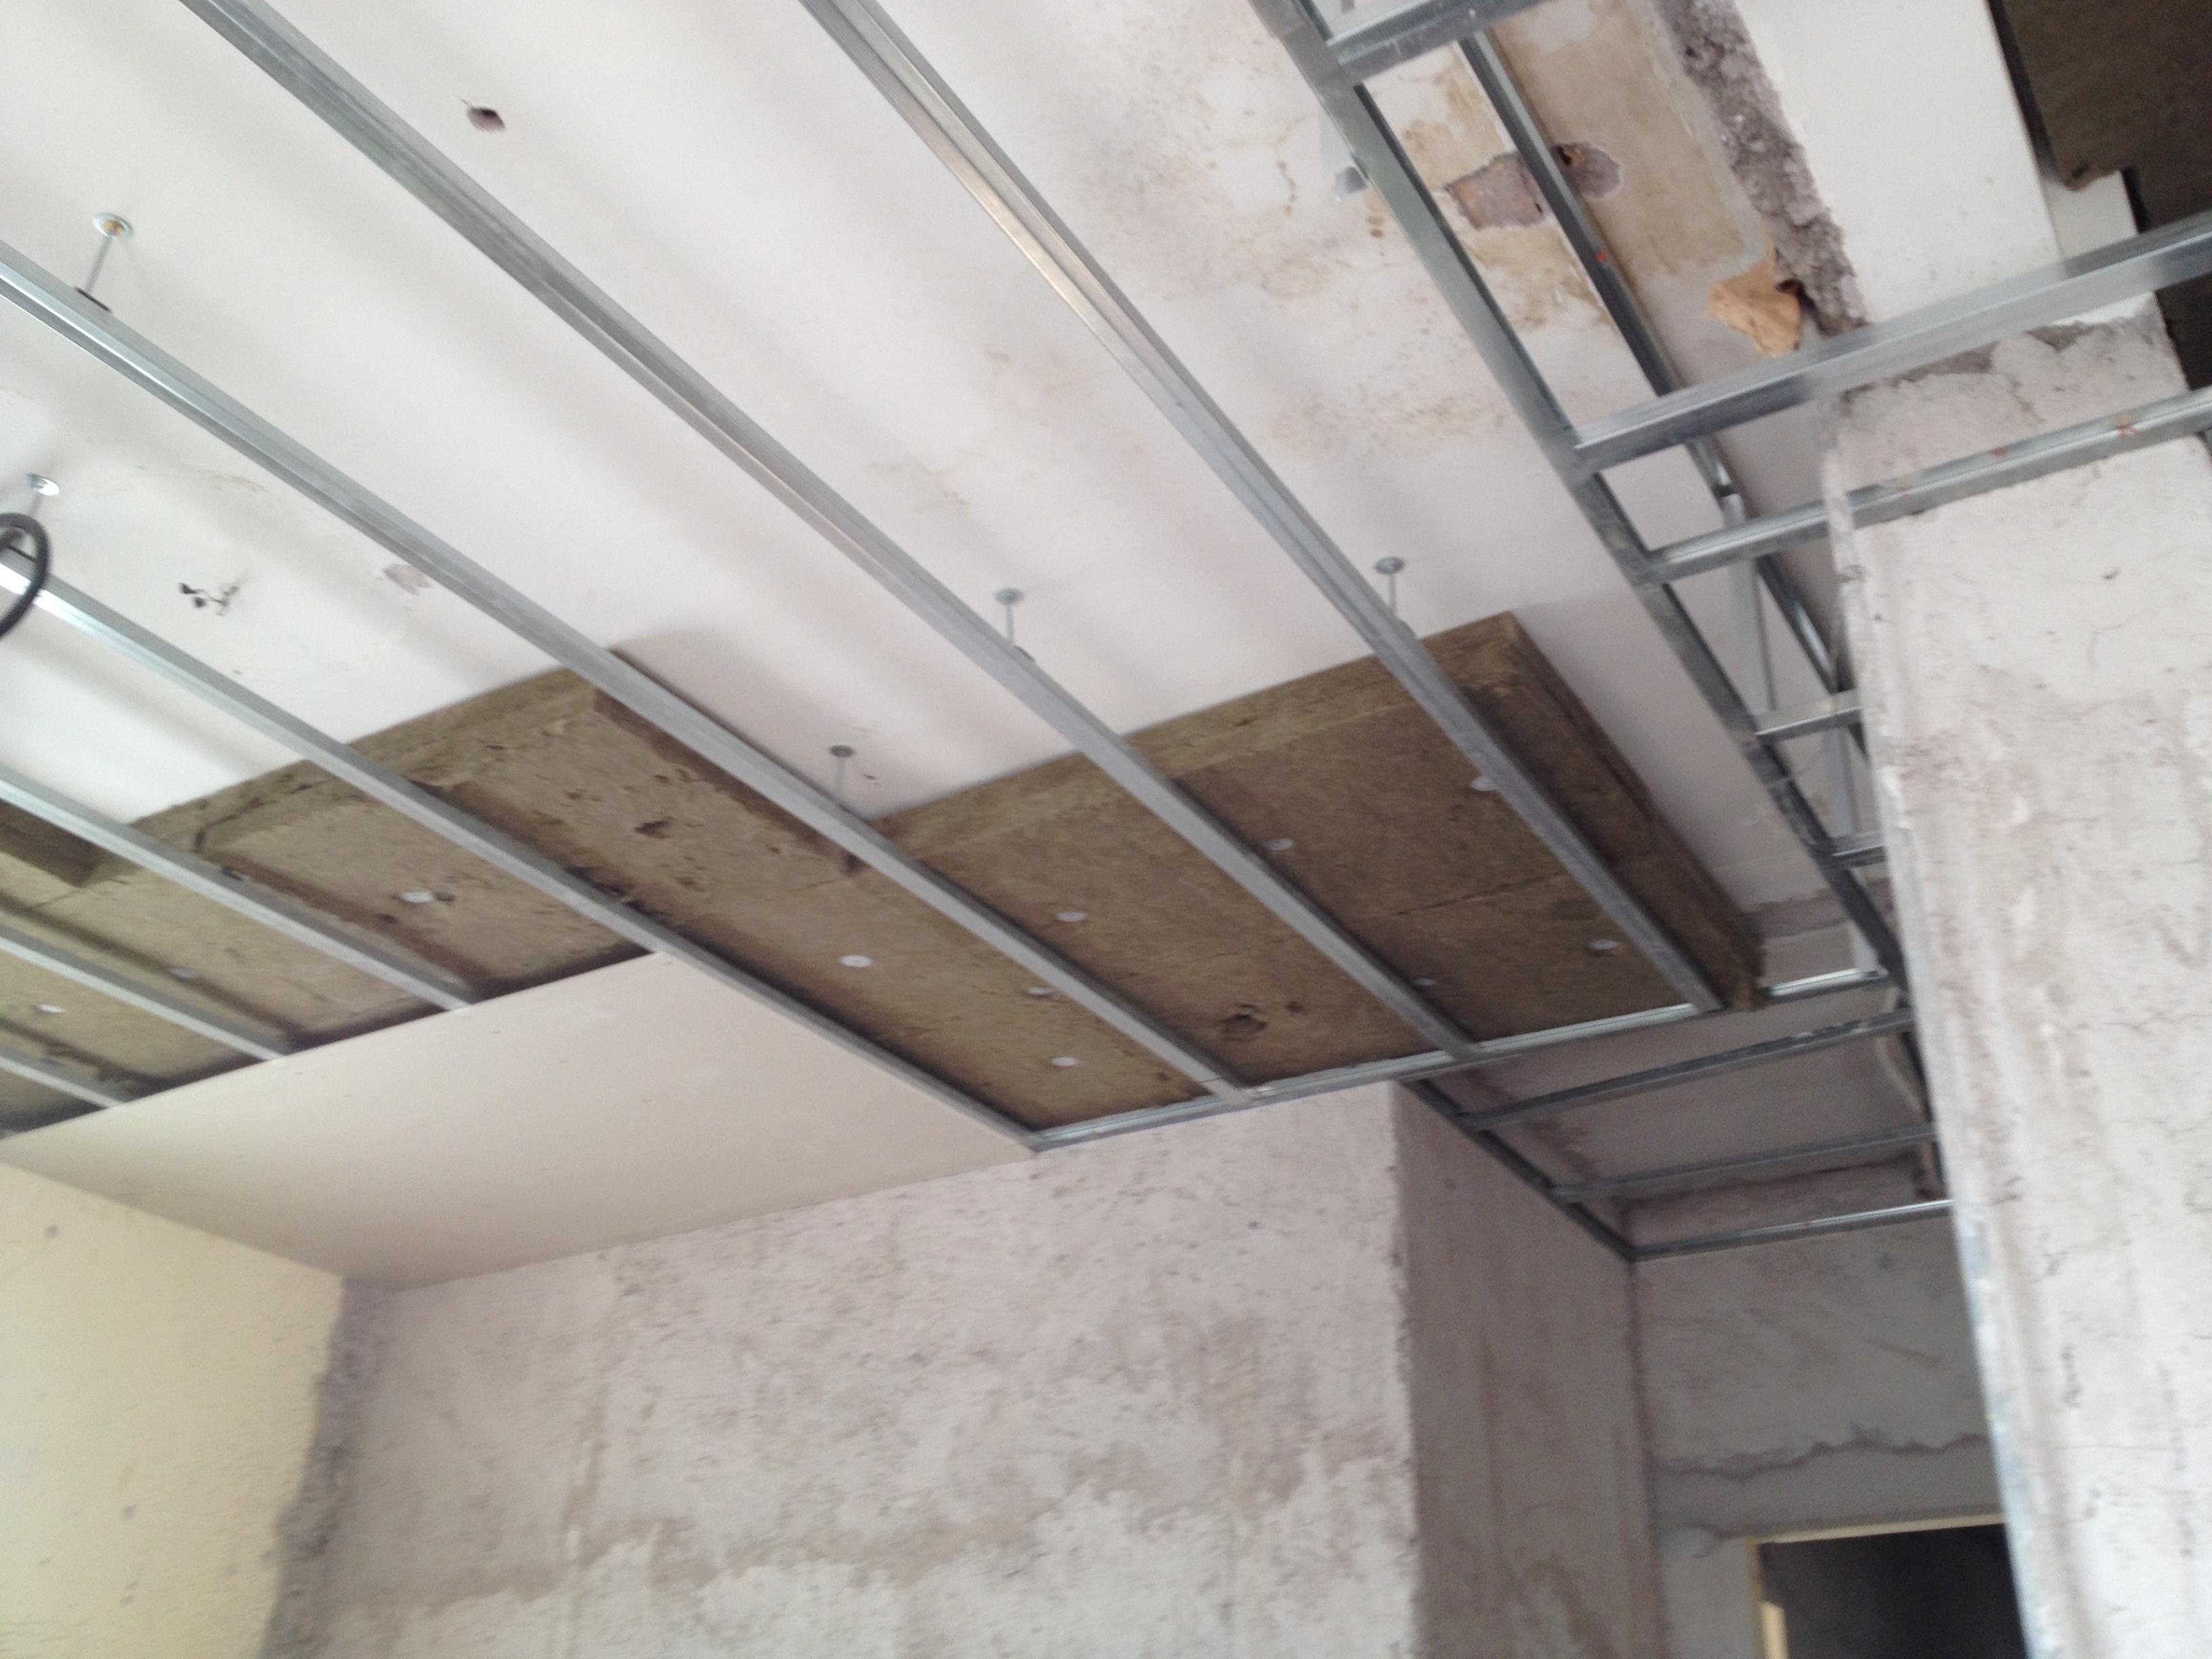 Isolamento termico milano iti srl - Isolare il tetto dall interno ...